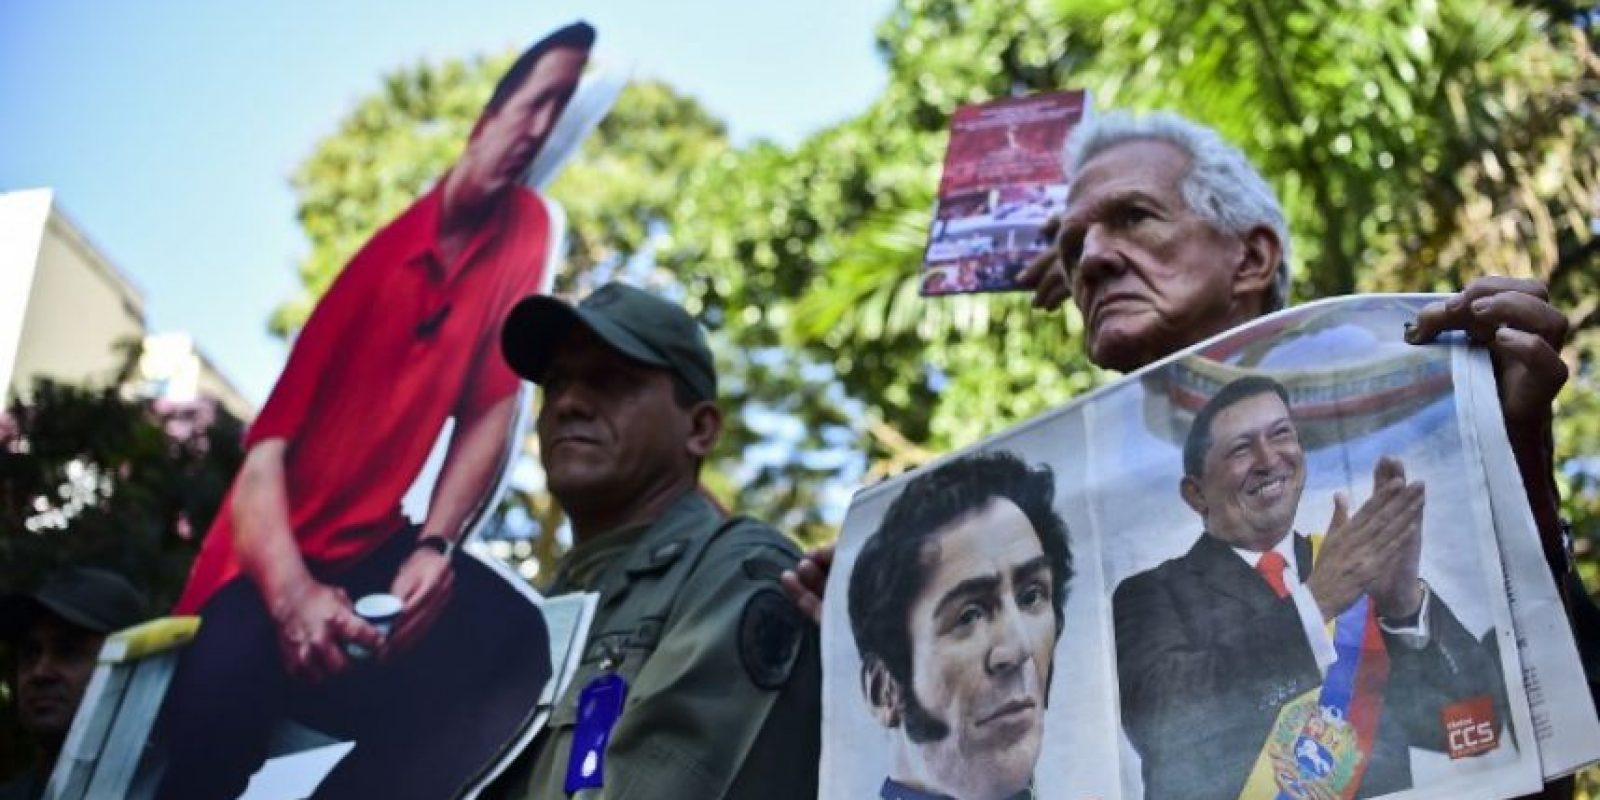 Los ciudadanos venezolanos han salido a las calles a manifestar su descontento. Foto:AFP